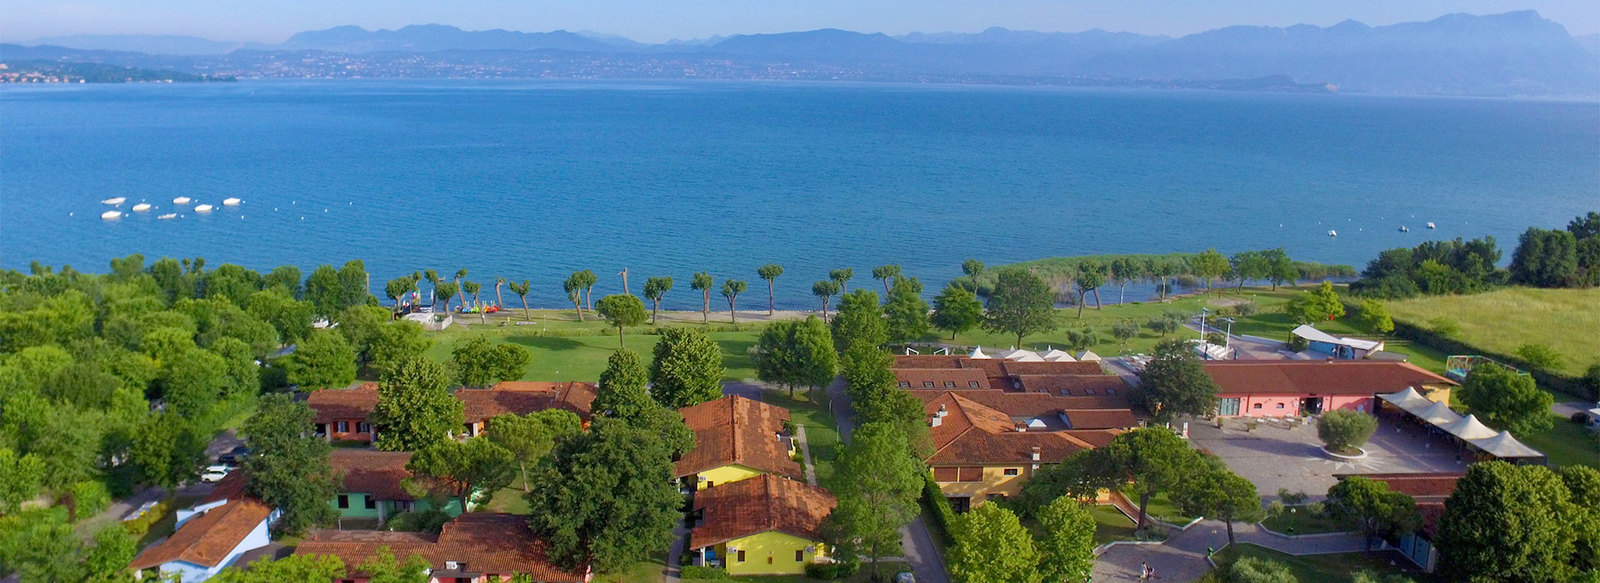 Direttamente sul Lago di Garda